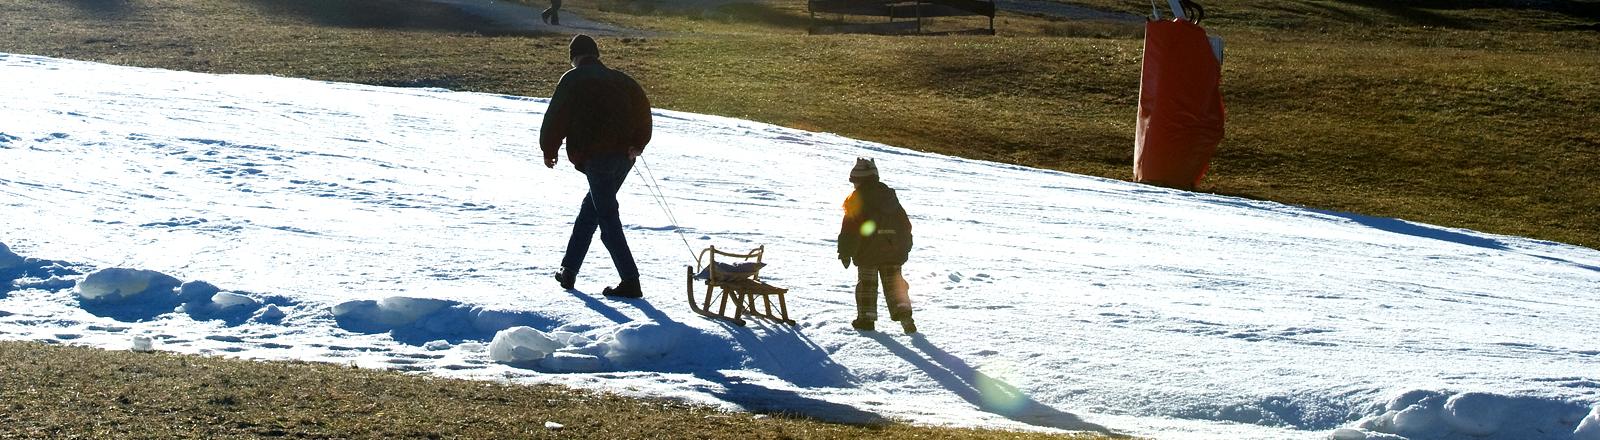 Ein Mann und ein Kind gehen einen Hügel hoch, auf dem Schnee liegt - rundherum ist grüne Wiese